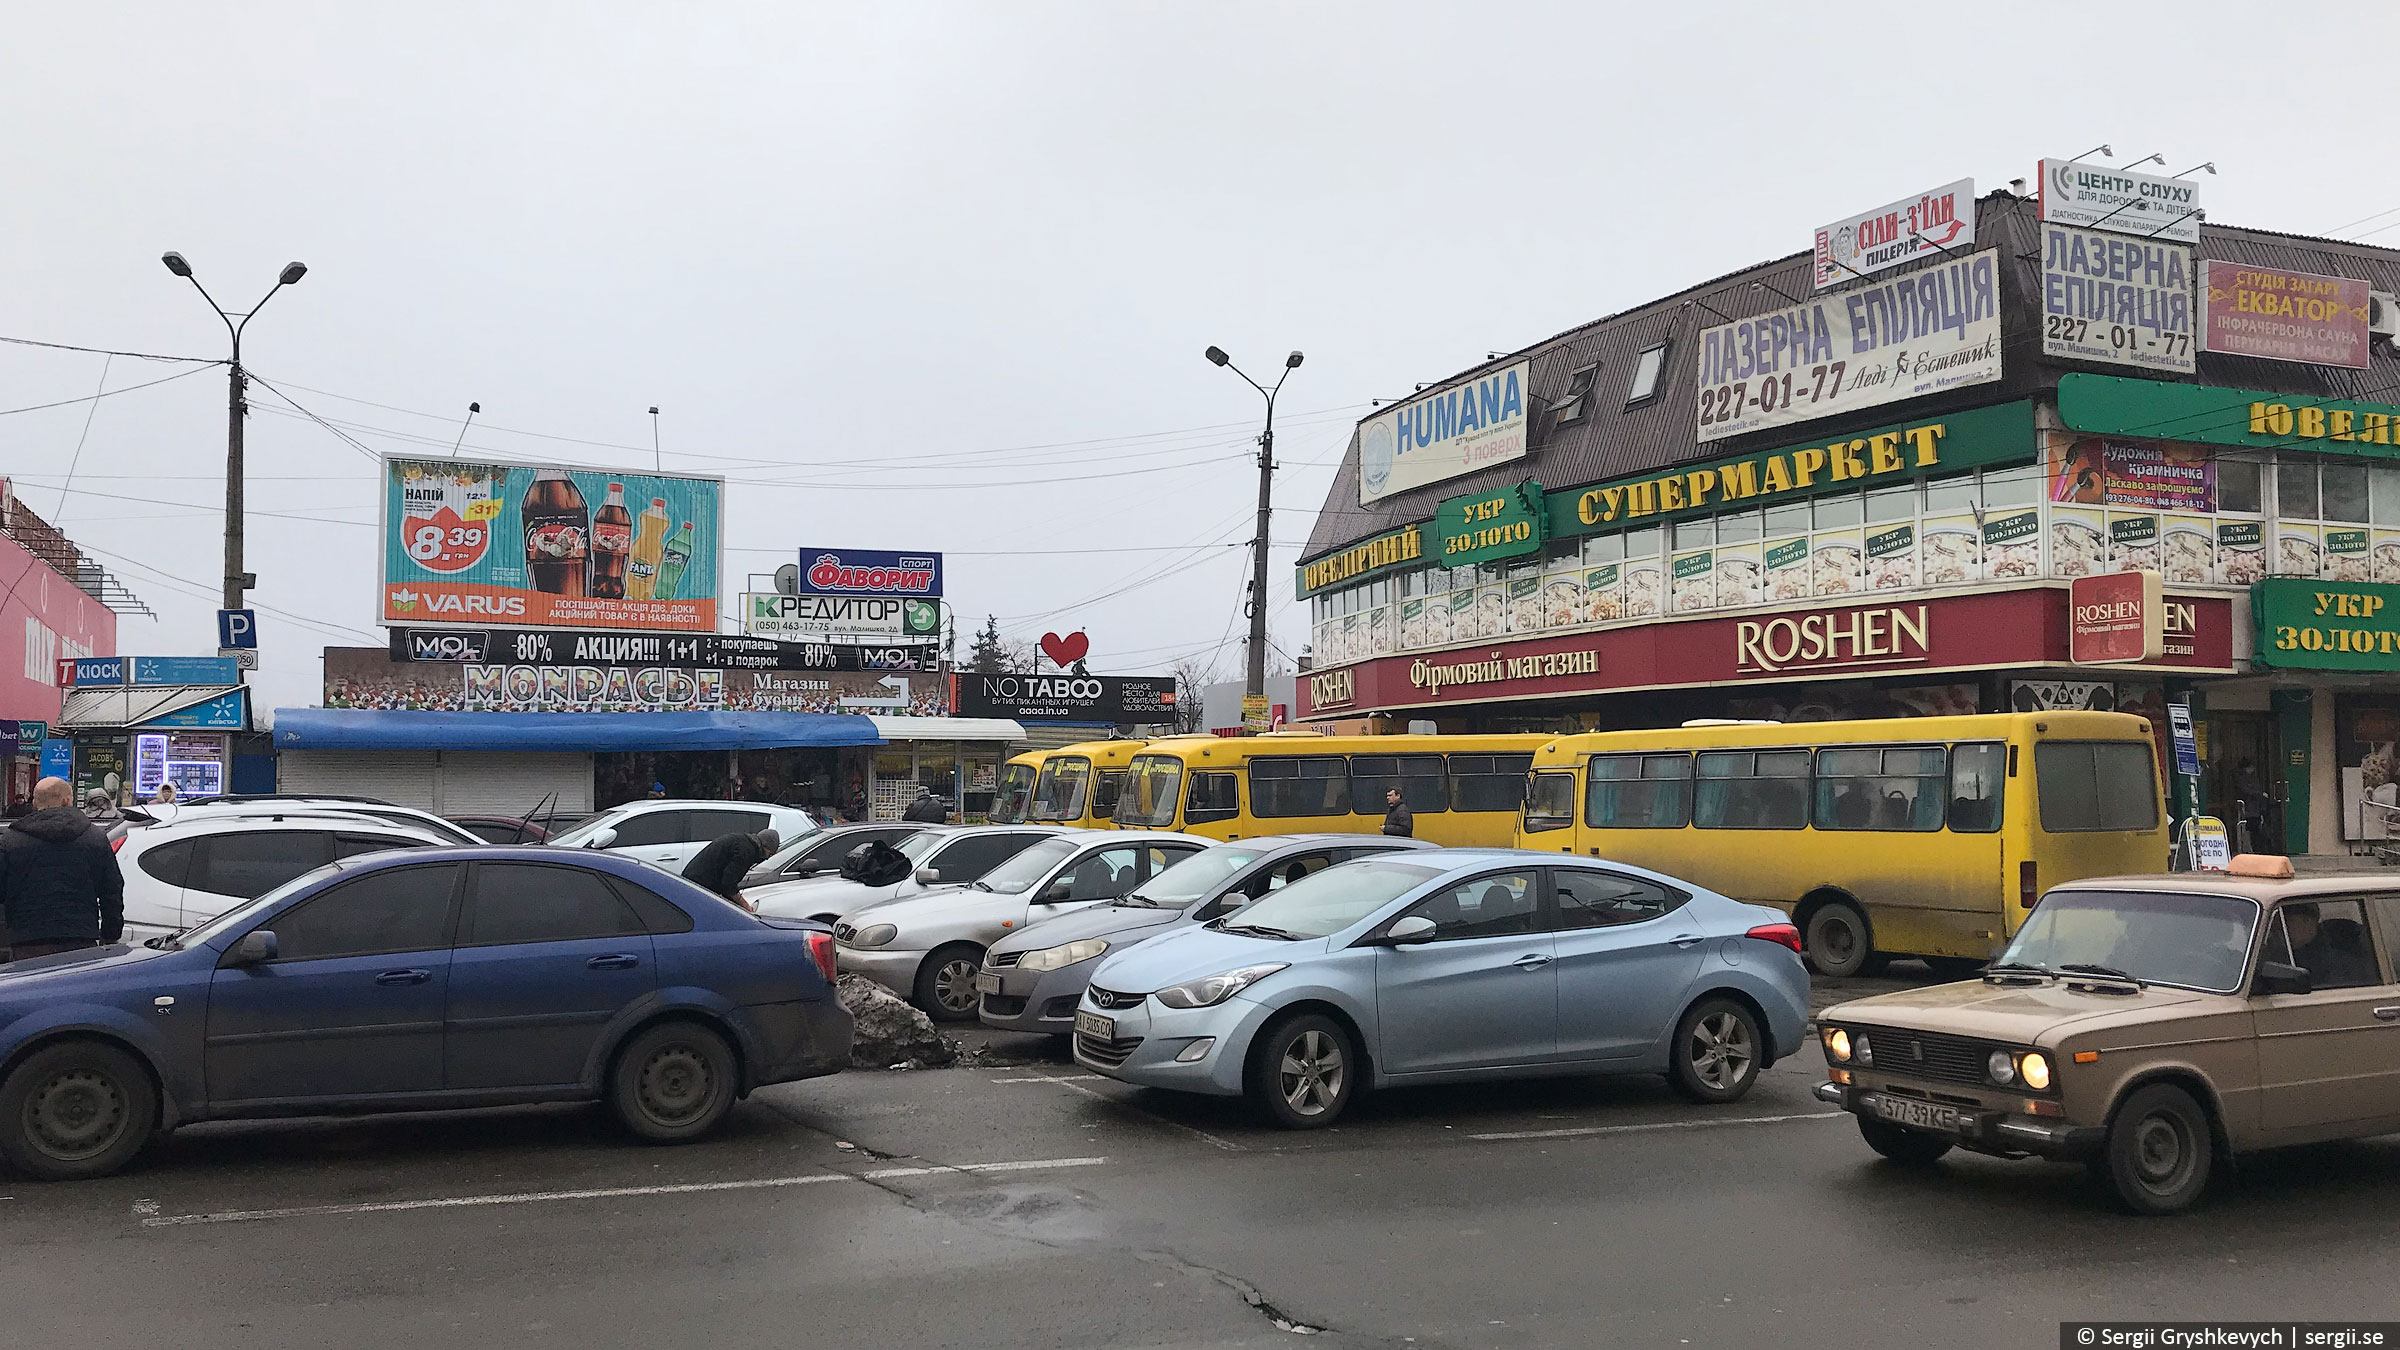 kyiv-darnytsia-livoberezhna-11